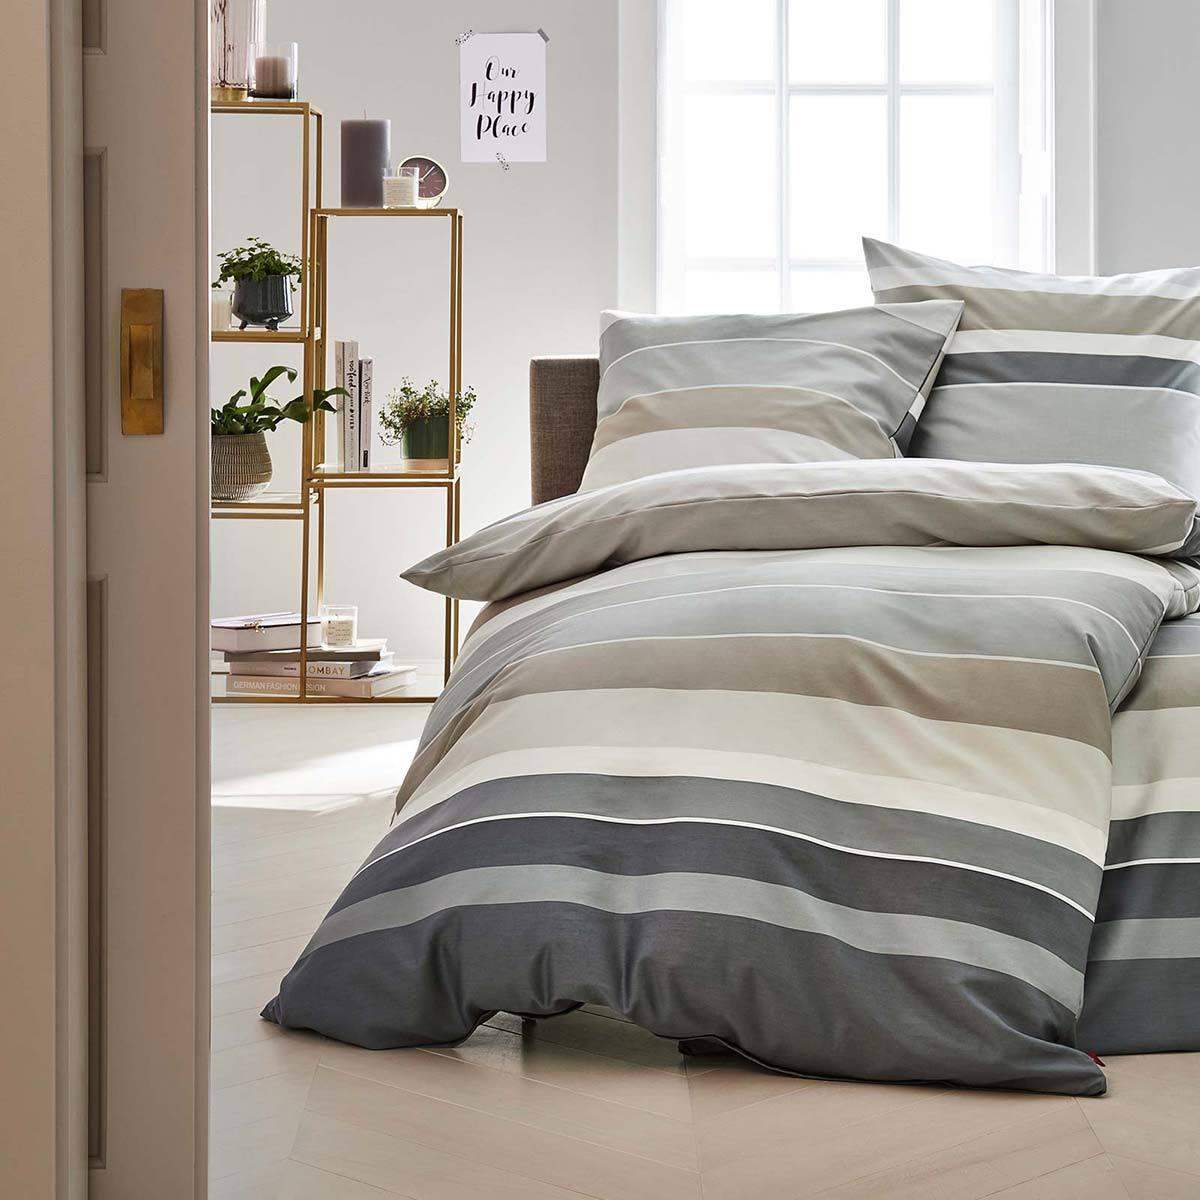 s oliver mako satin bettw sche 5888 880 g nstig online kaufen bei bettwaren shop. Black Bedroom Furniture Sets. Home Design Ideas